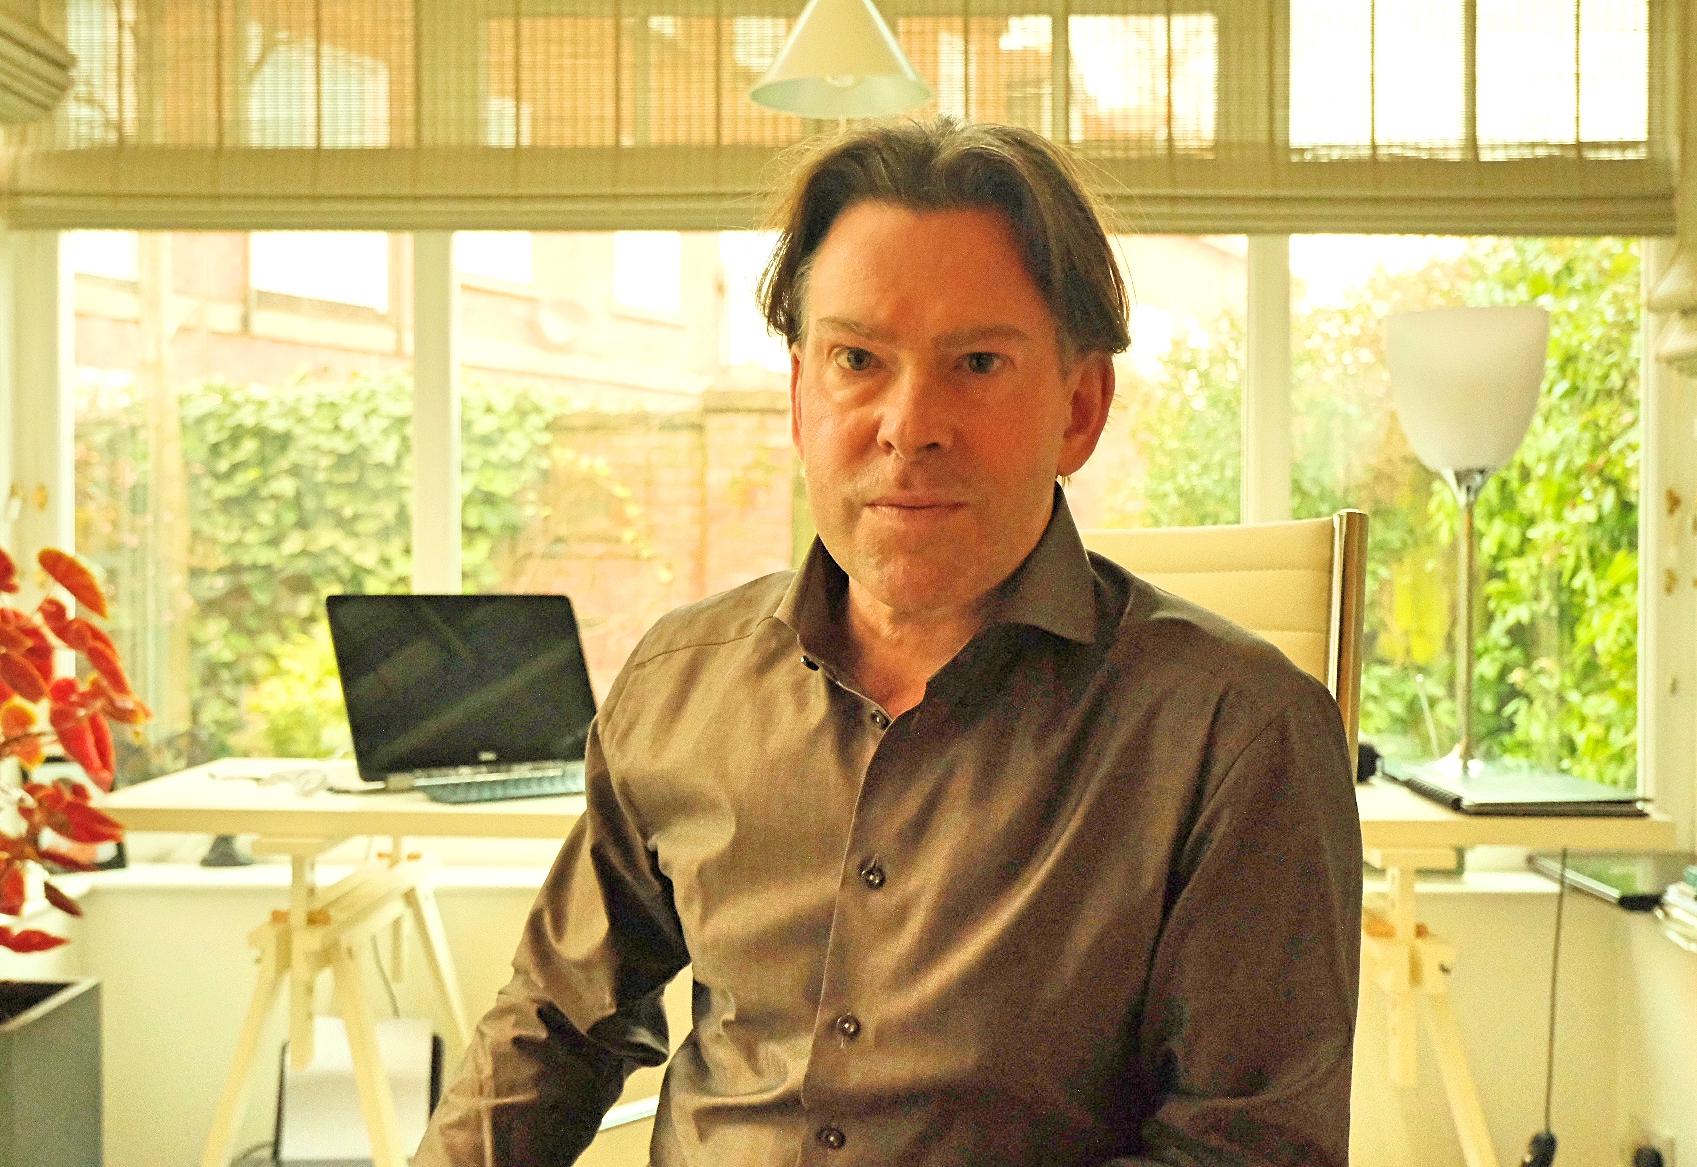 Toby Gledhill